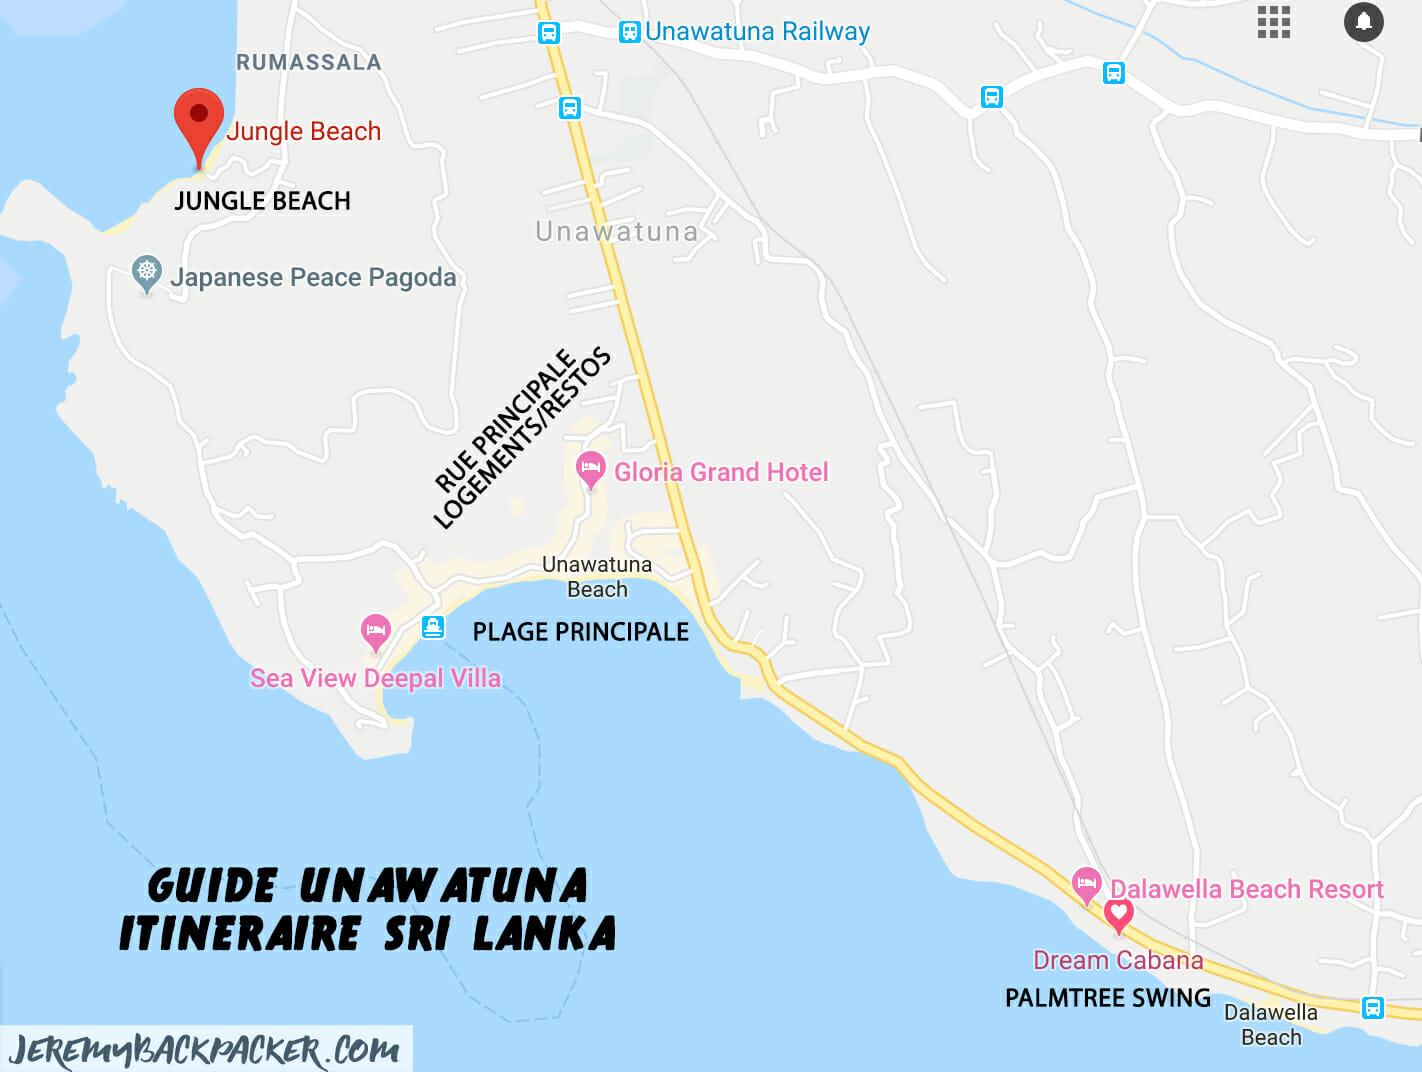 itineraire-sri-lanka-carte-unawatuna